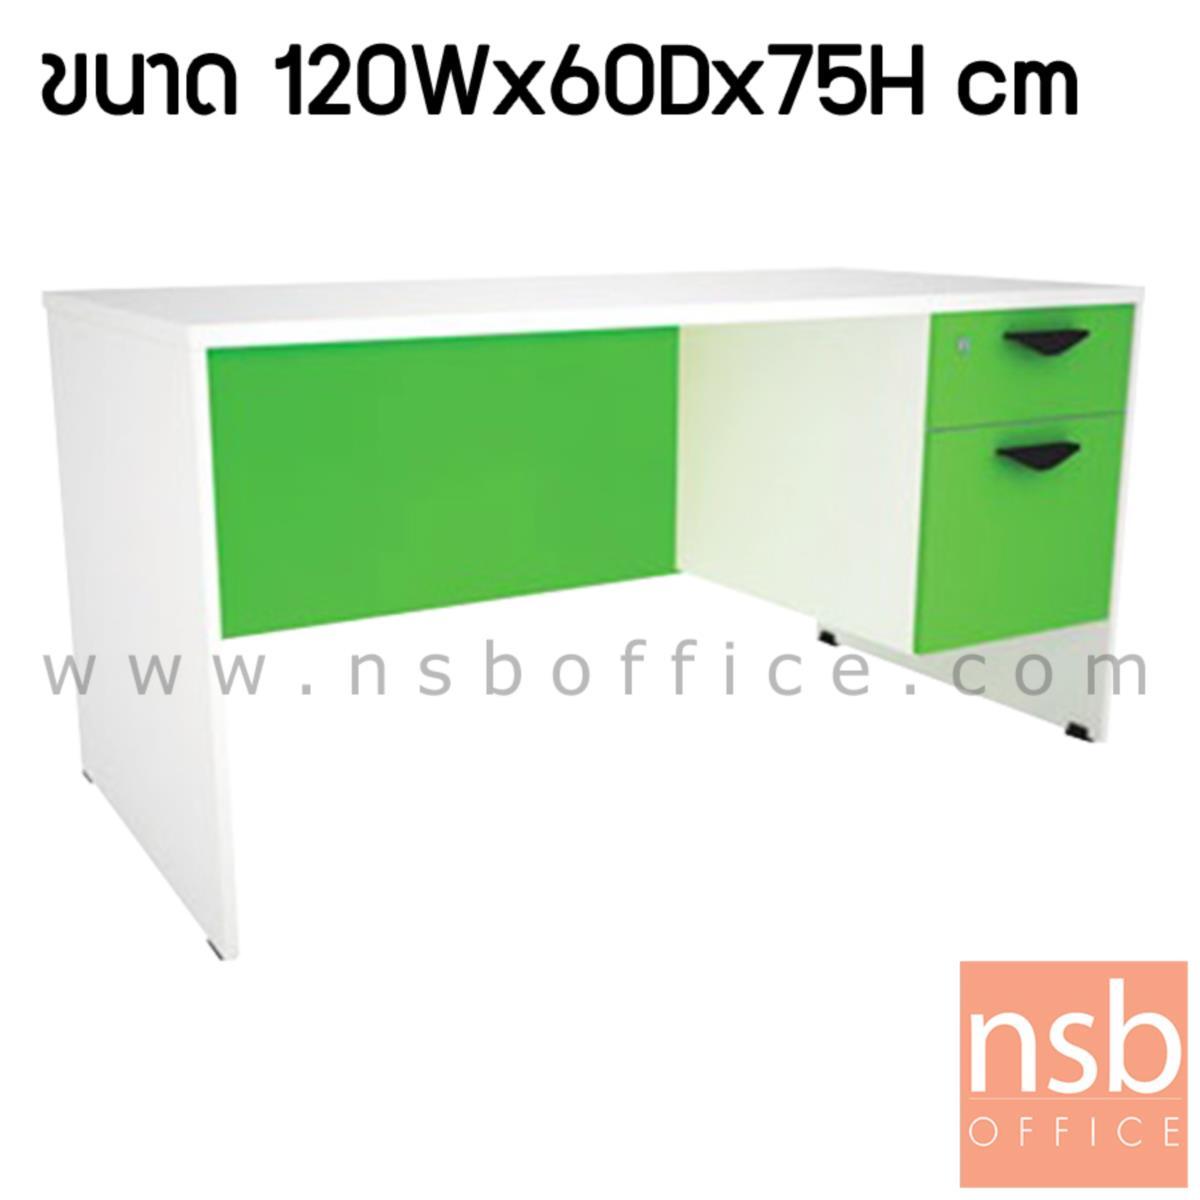 A20A020:โต๊ะทำงานสีสัน 2 ลิ้นชัก รุ่น Aerospace (เอโรว์สเปซ) ขนาด 120W*60D ,160W*80D2 cm.